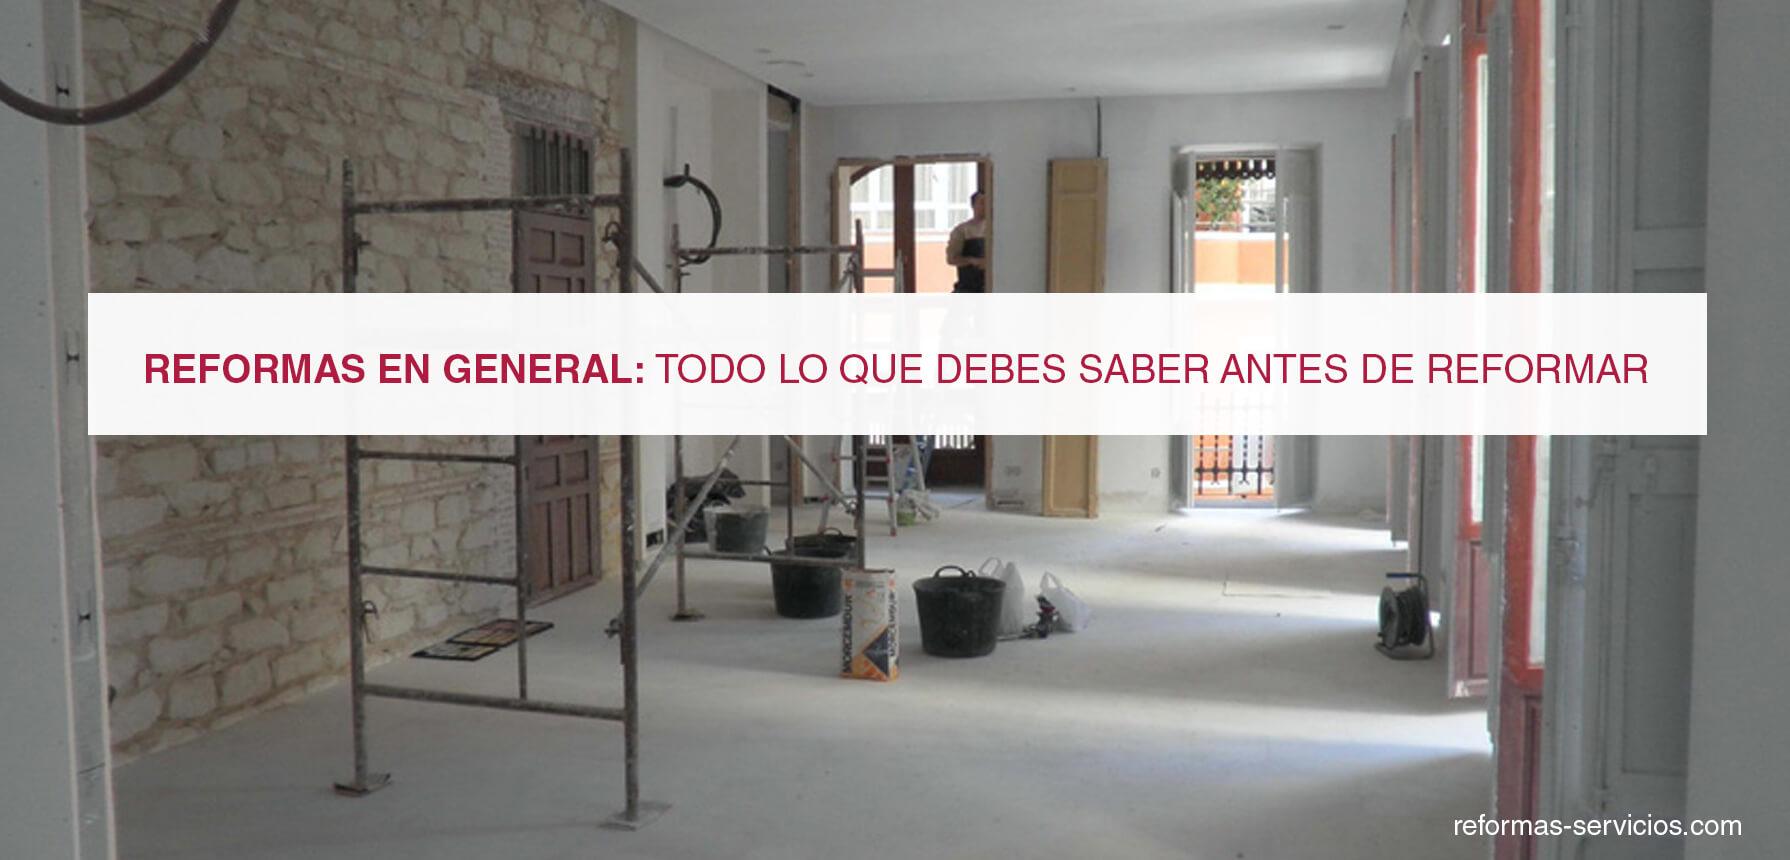 Reformas en general - Cuanto puede costar reformar un piso entero ...